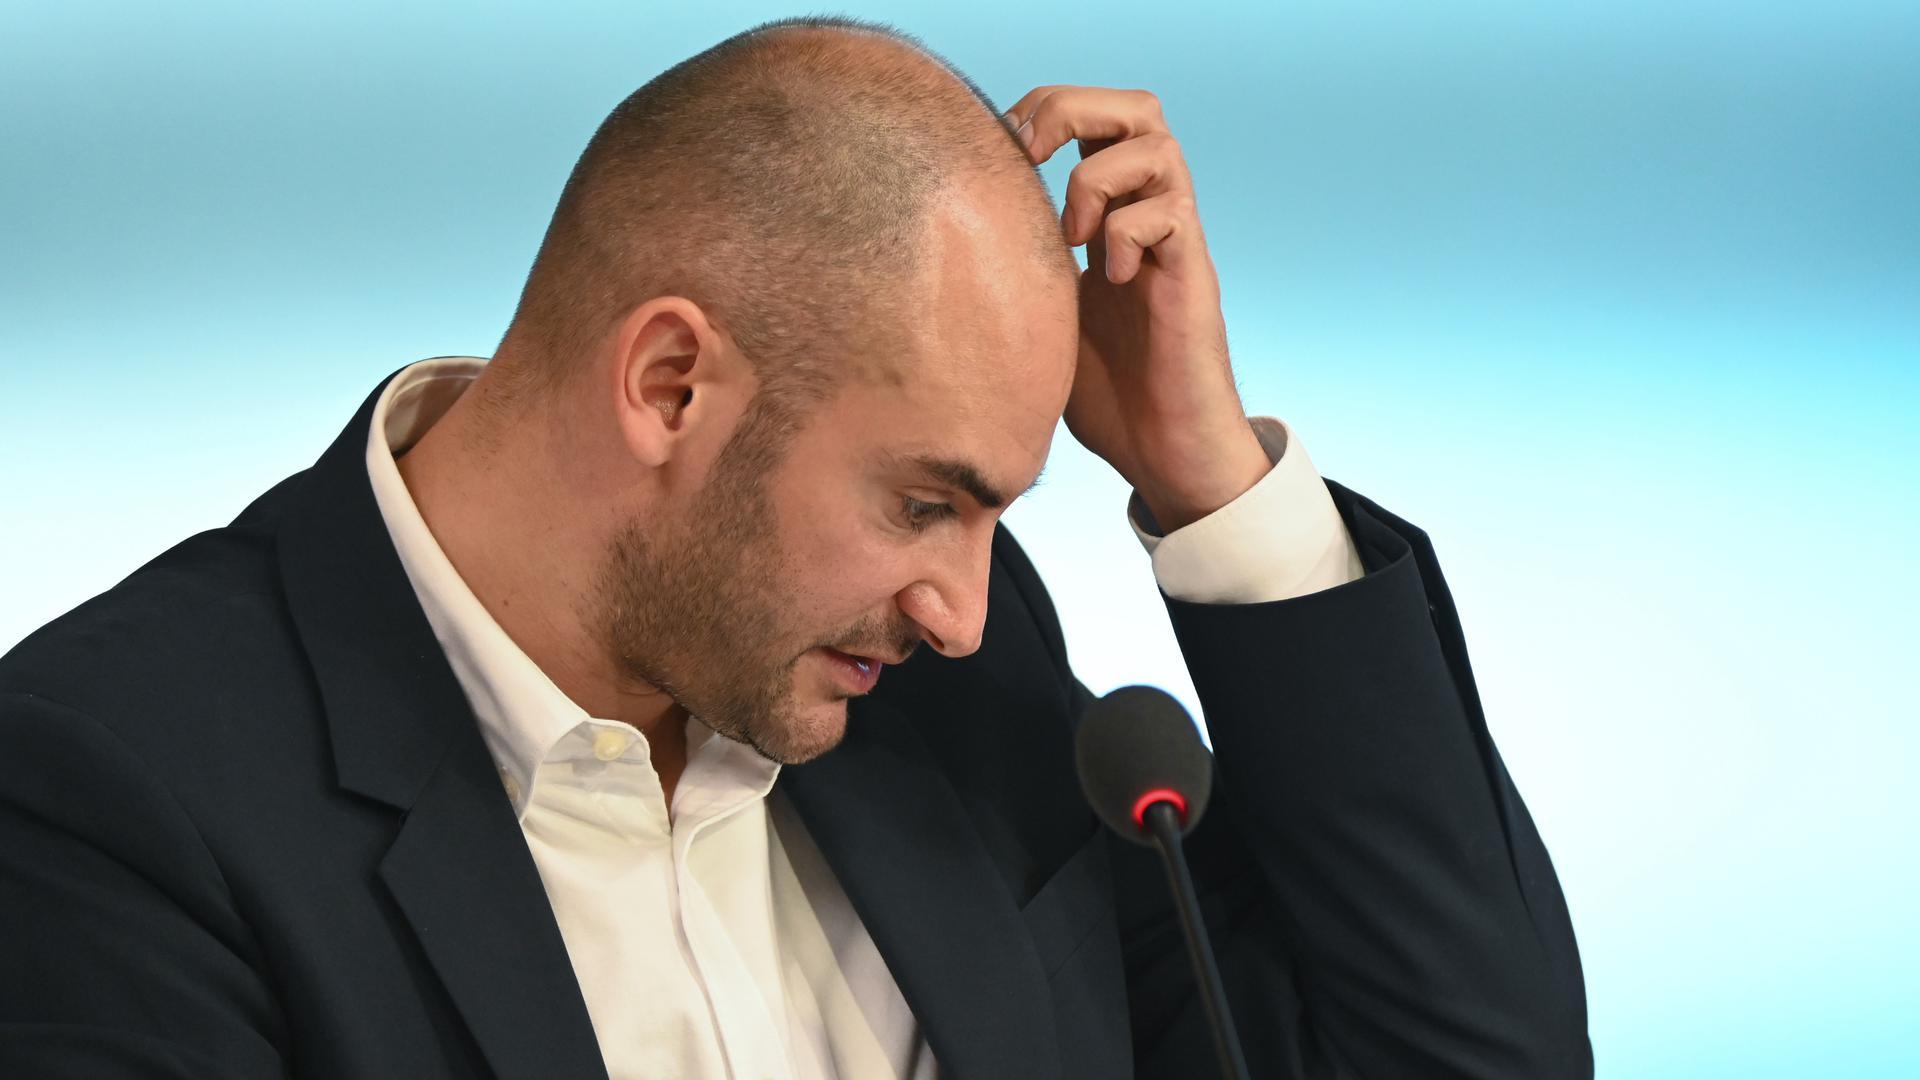 Herr der Zahlen: Danyal Bayaz, Finanzminister von Baden-Württemberg, betont, der Landeshaushalts 2022 sei zwar ein solides Fundament, aber nicht frei von Risiken.